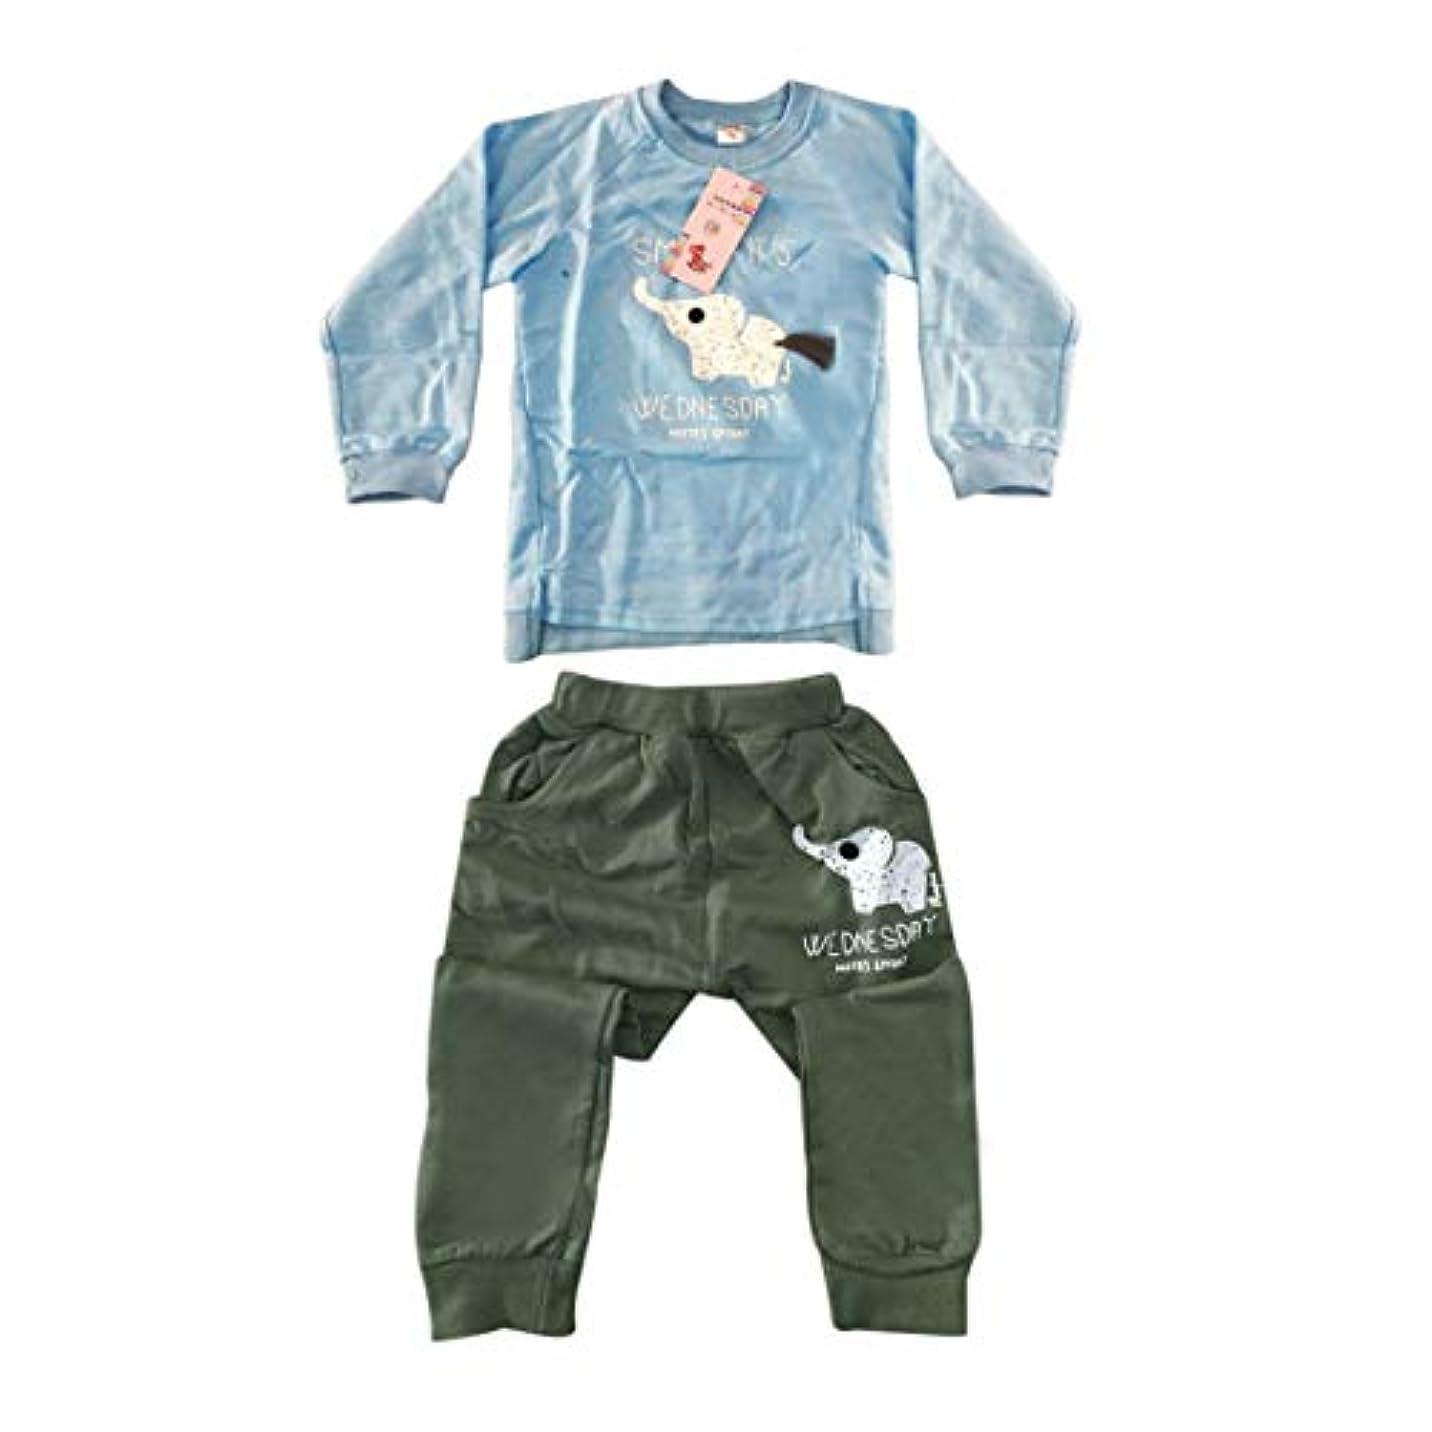 ミント八百屋さん非難2ピース長袖スウェットシャツ+素敵な象プリント幼児の男の子の女の子ソフトスポーツプレイスーツと弾性パンツスーツ-ライトブルー100 CM